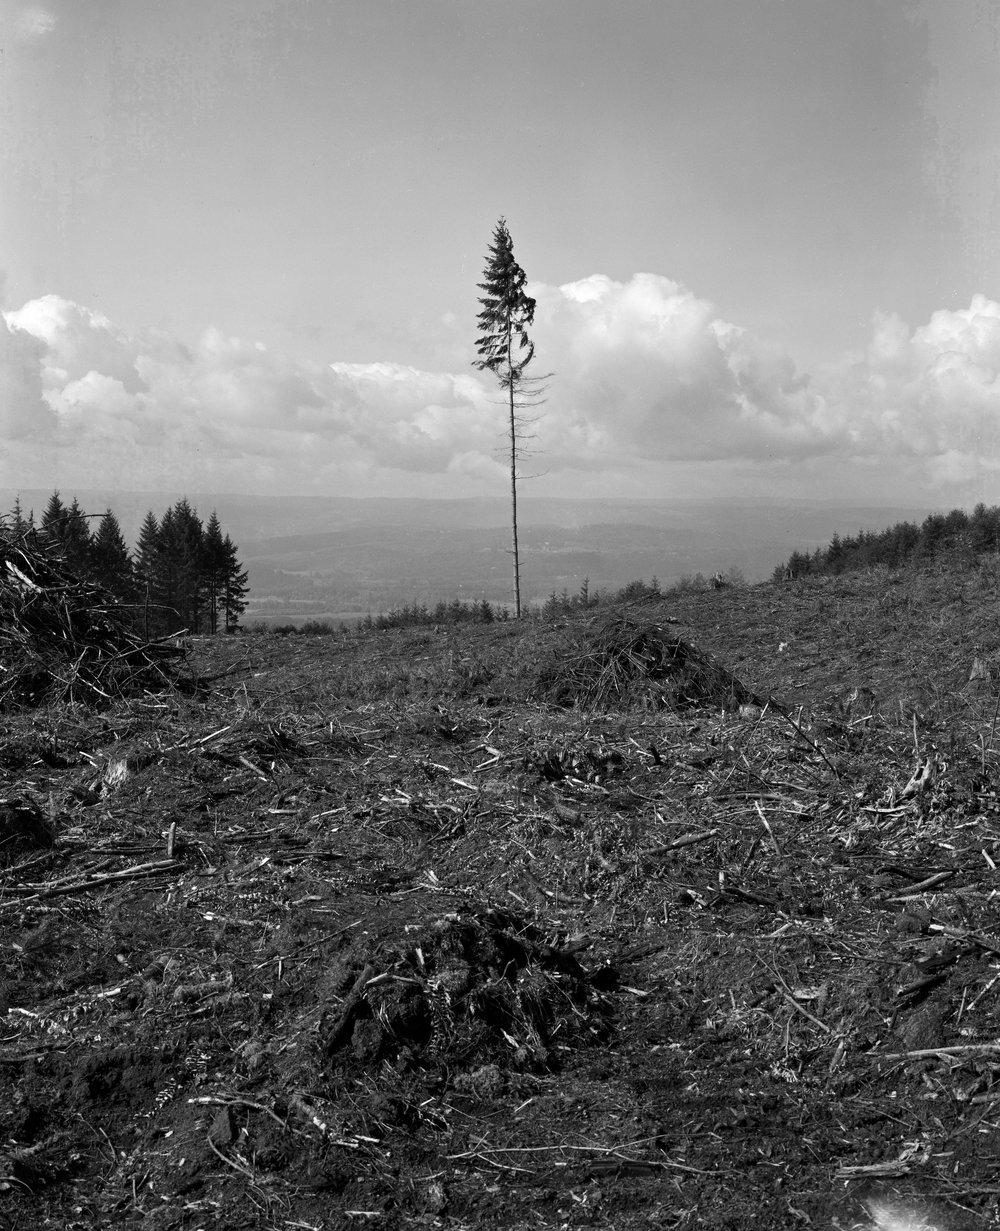 Abandoned logging site, Oregon